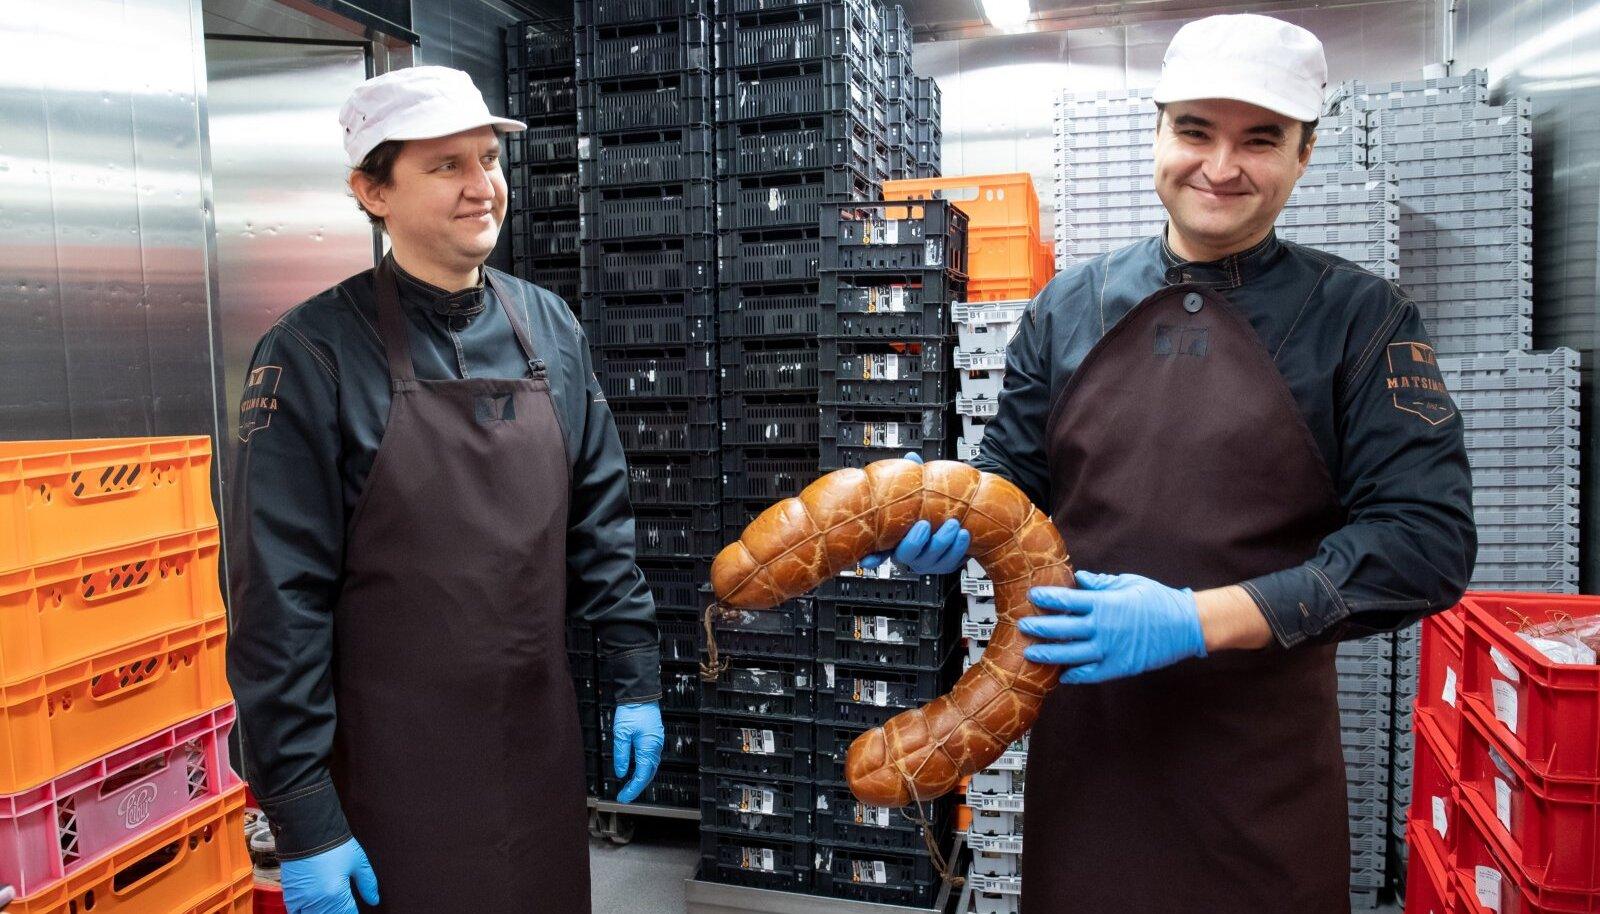 Matsimoka lihatööstus juhid, vennad Jan (vasakul) ja Sten Inno loodavad, et juba juunist ja juulist taastuvad nende aasta alguse käibenumbrid.